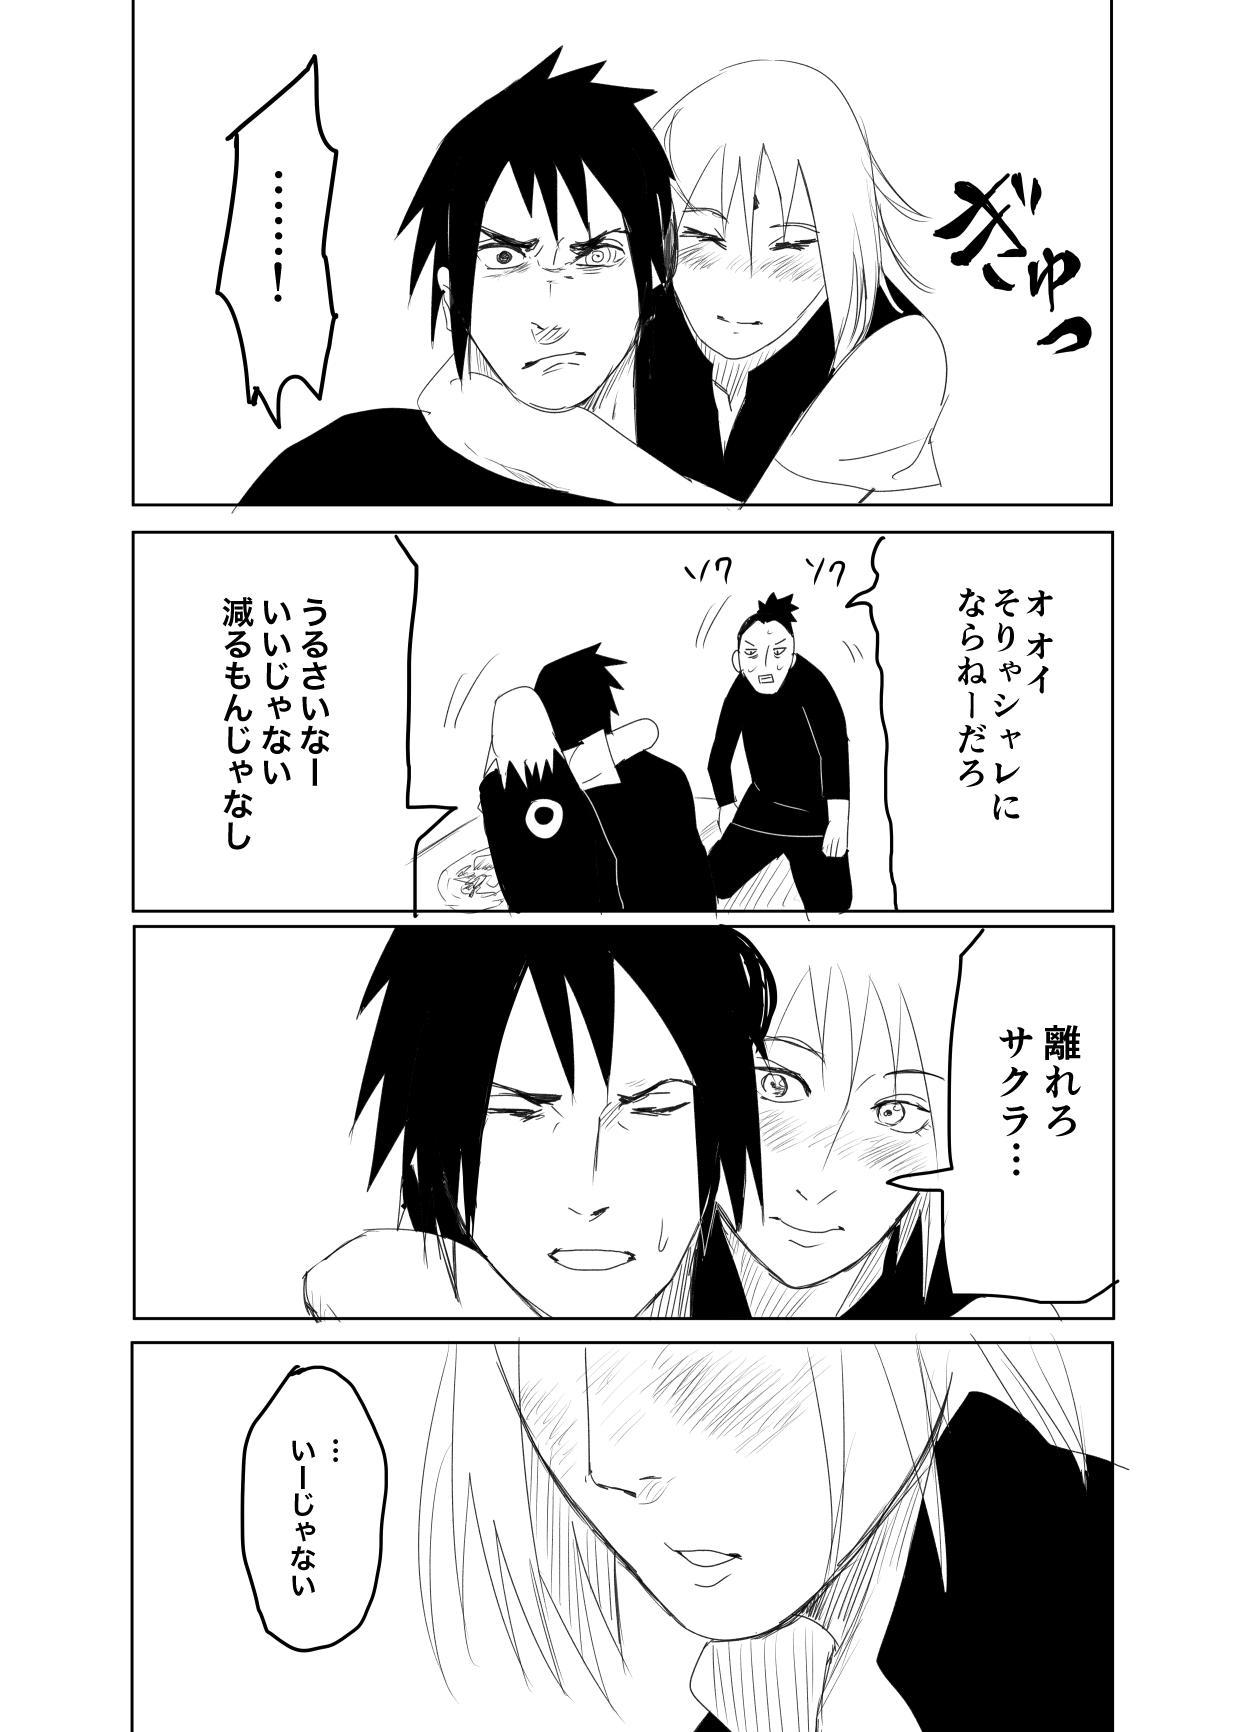 嘘告白漫画 11